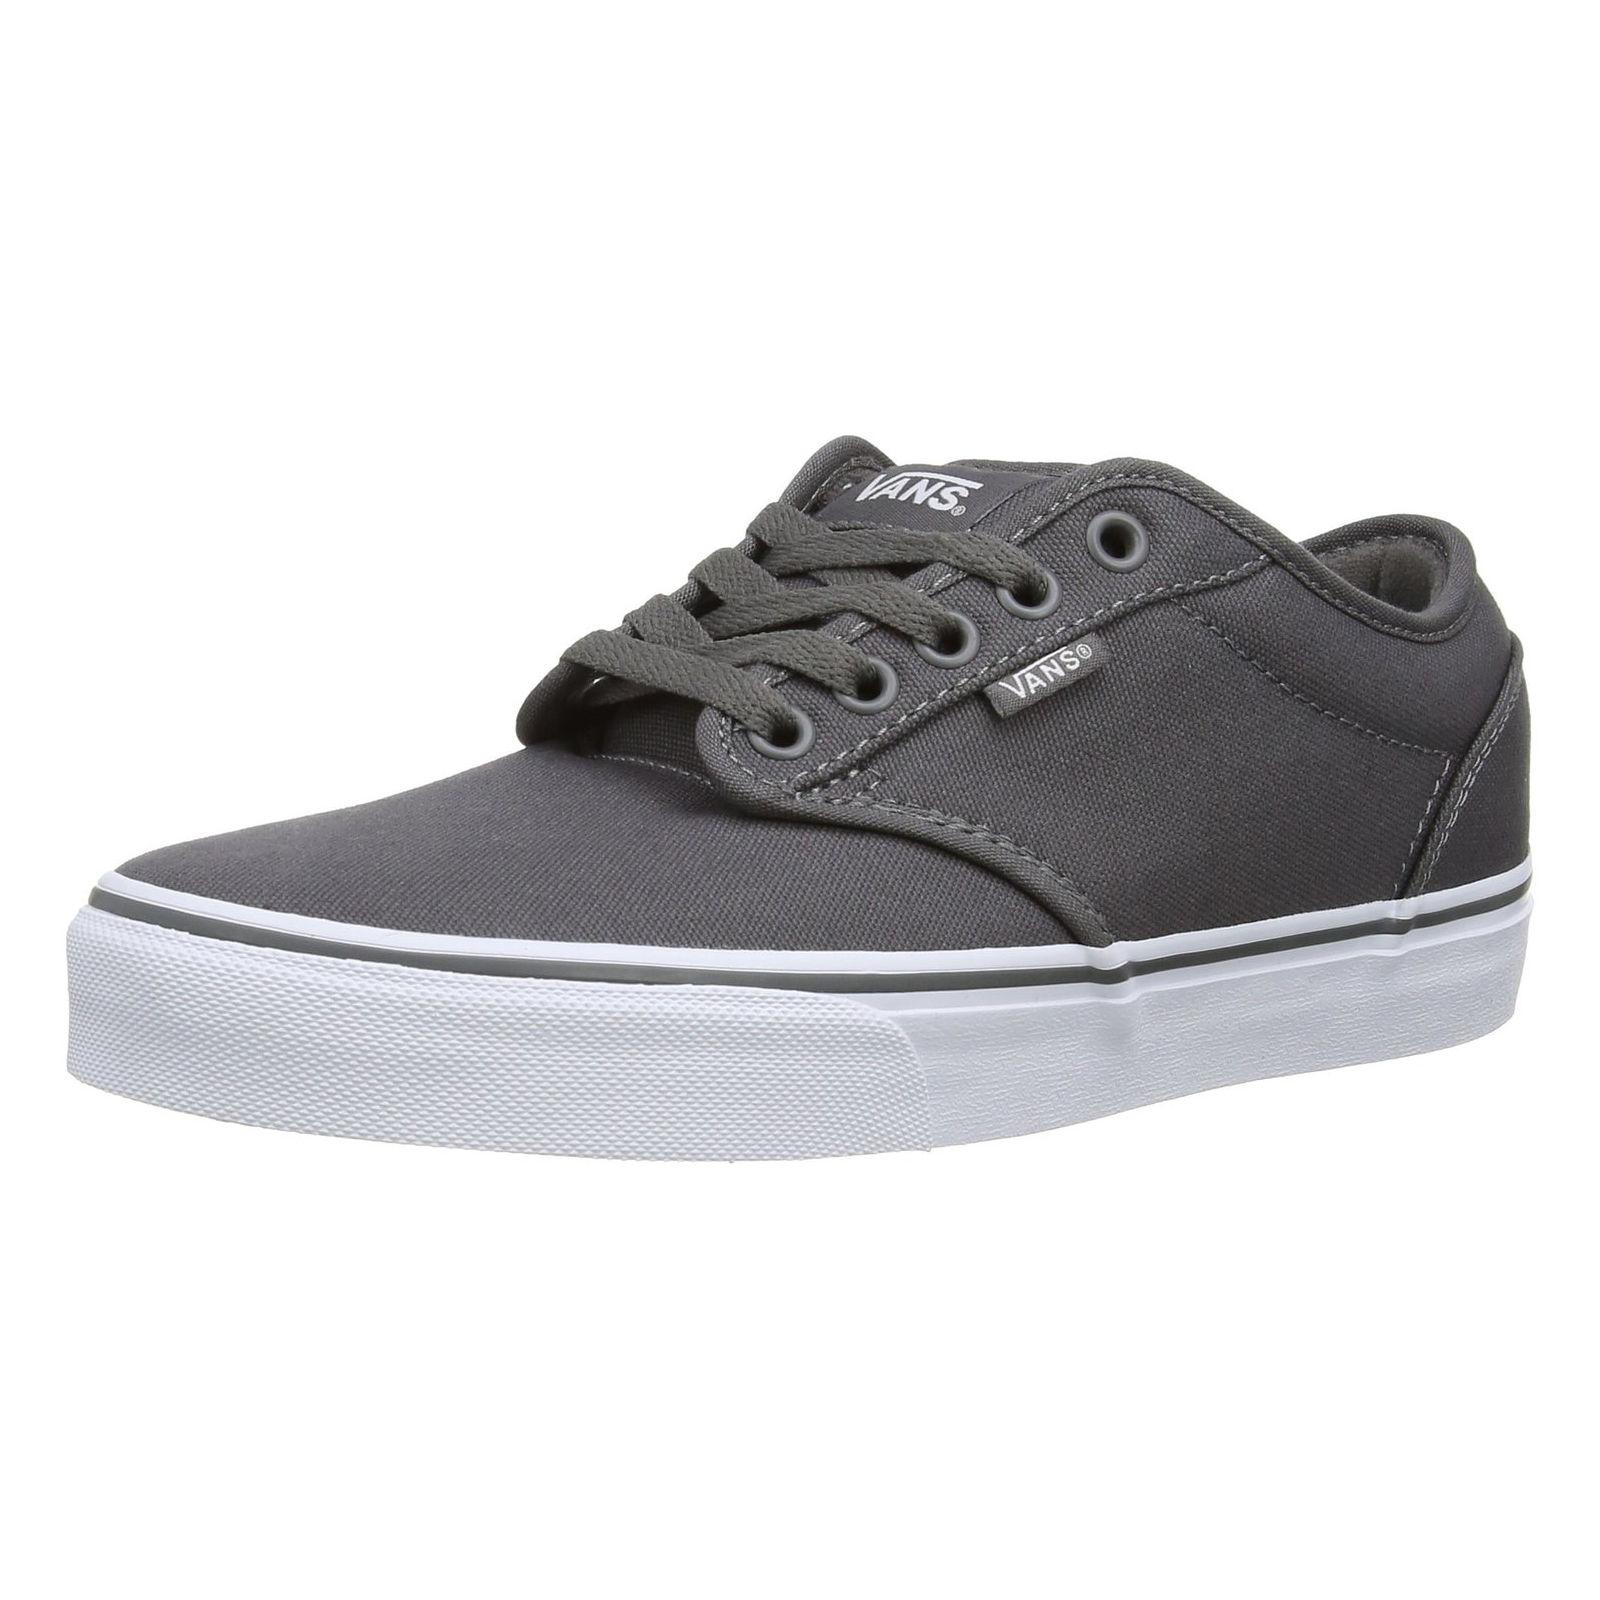 12ec98dc3c Detalles acerca de Vans Atwood Mens Lona Zapatillas Skater Liso Zapatos Con  Cordones Plimsolls Gris Blanco- mostrar título original